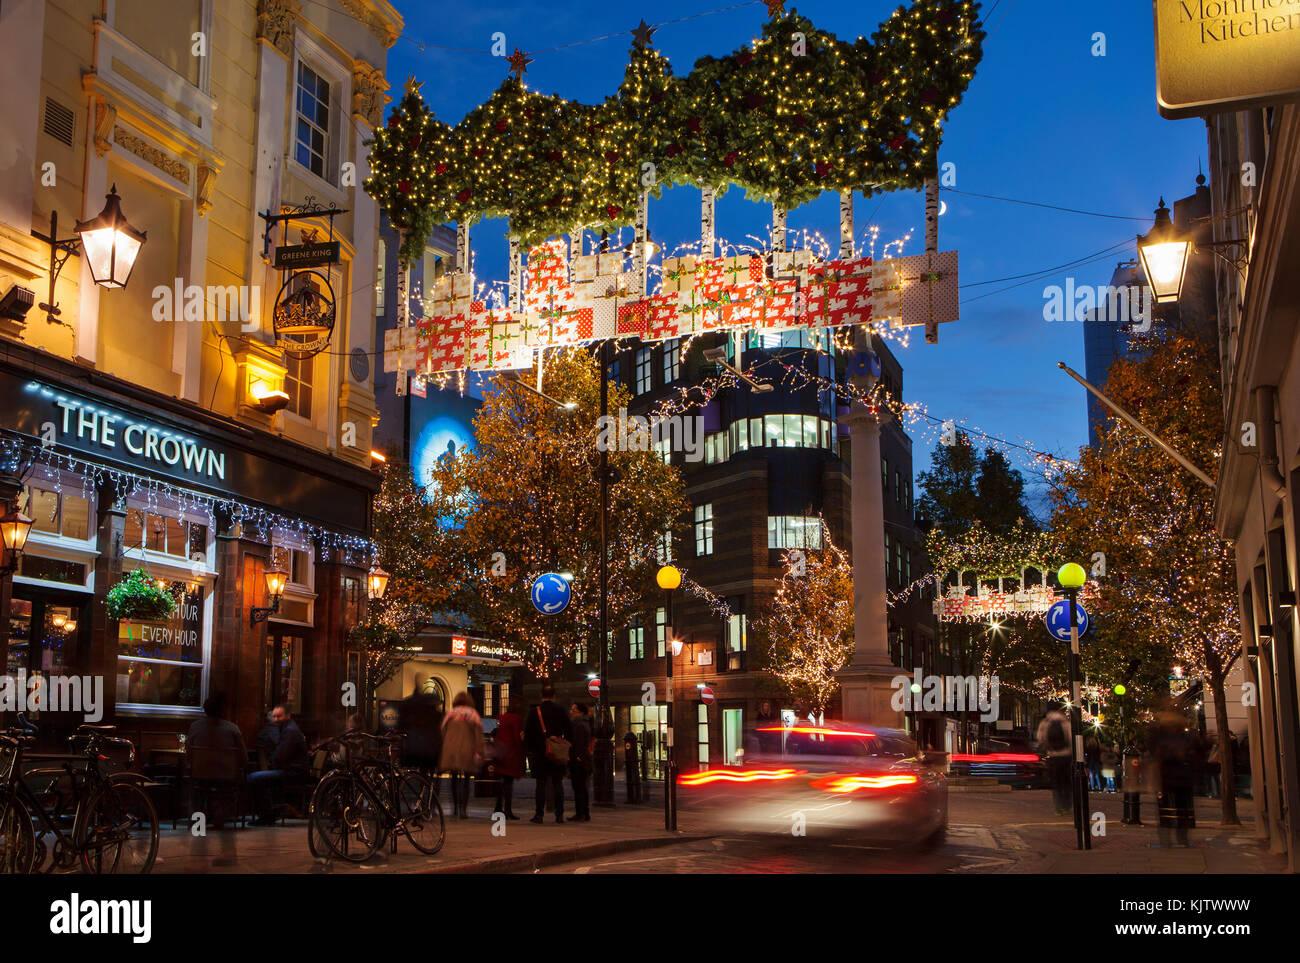 london gro britannien 24 november 2017 weihnachtsbeleuchtung auf 7 r dern saisonale lichter. Black Bedroom Furniture Sets. Home Design Ideas